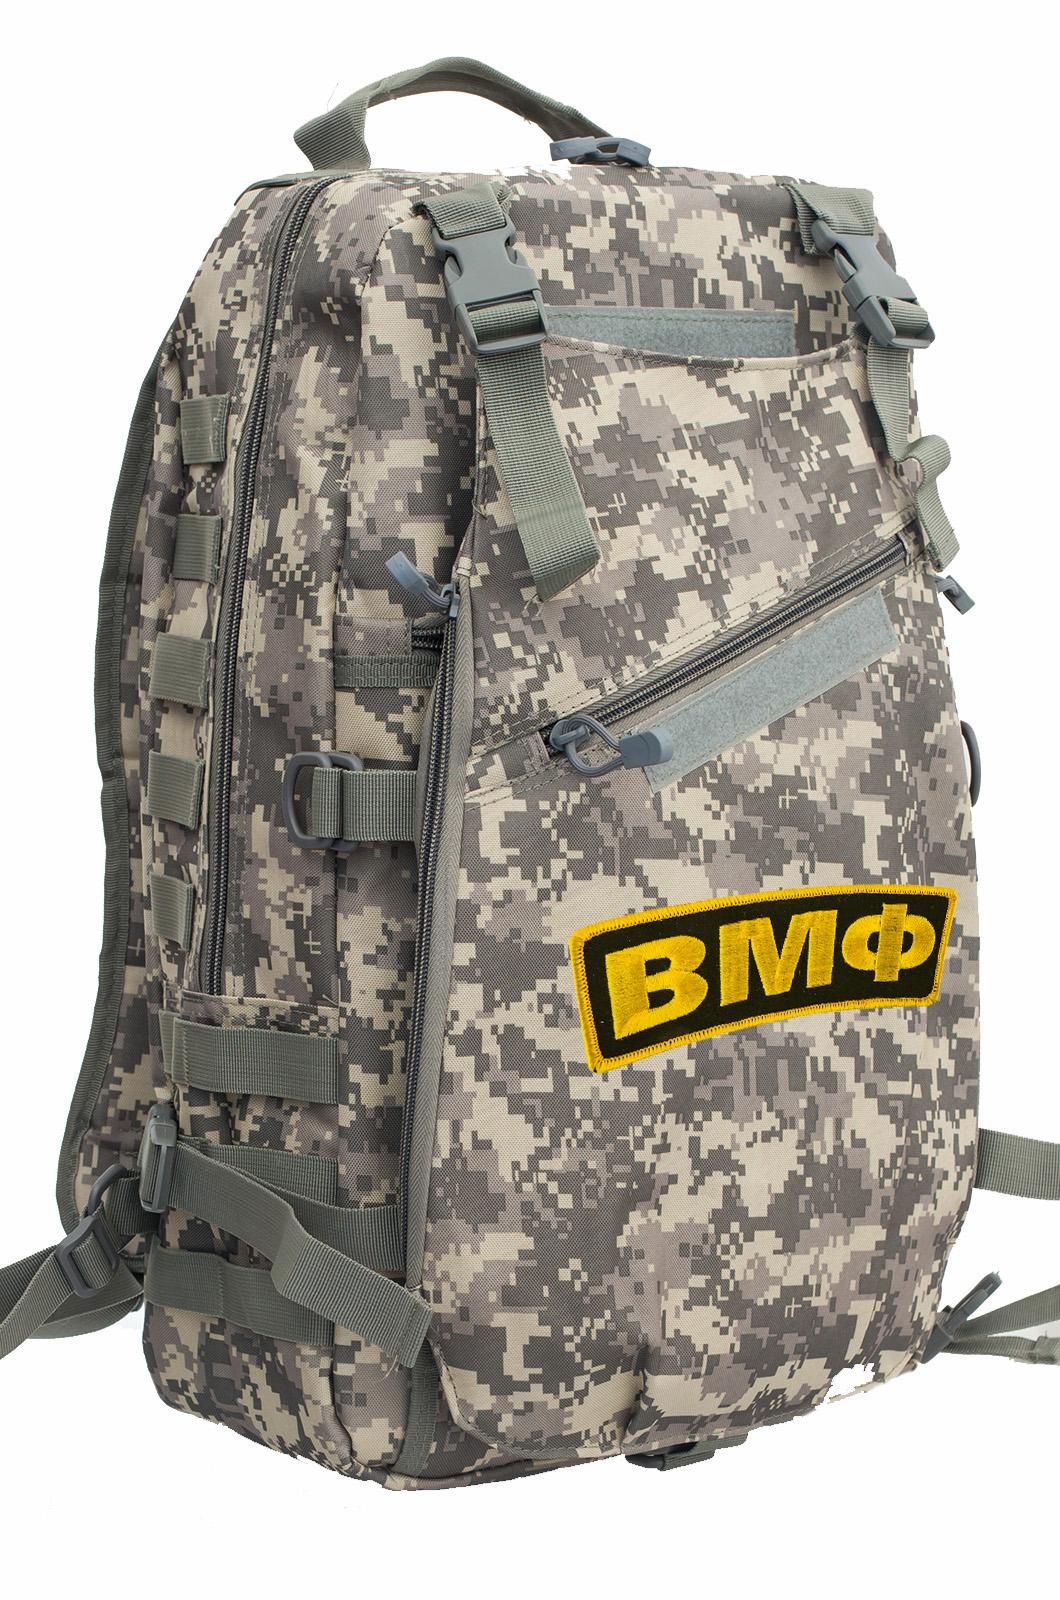 Тактический камуфляжный рюкзак с нашивкой ВМФ - заказать в розницу